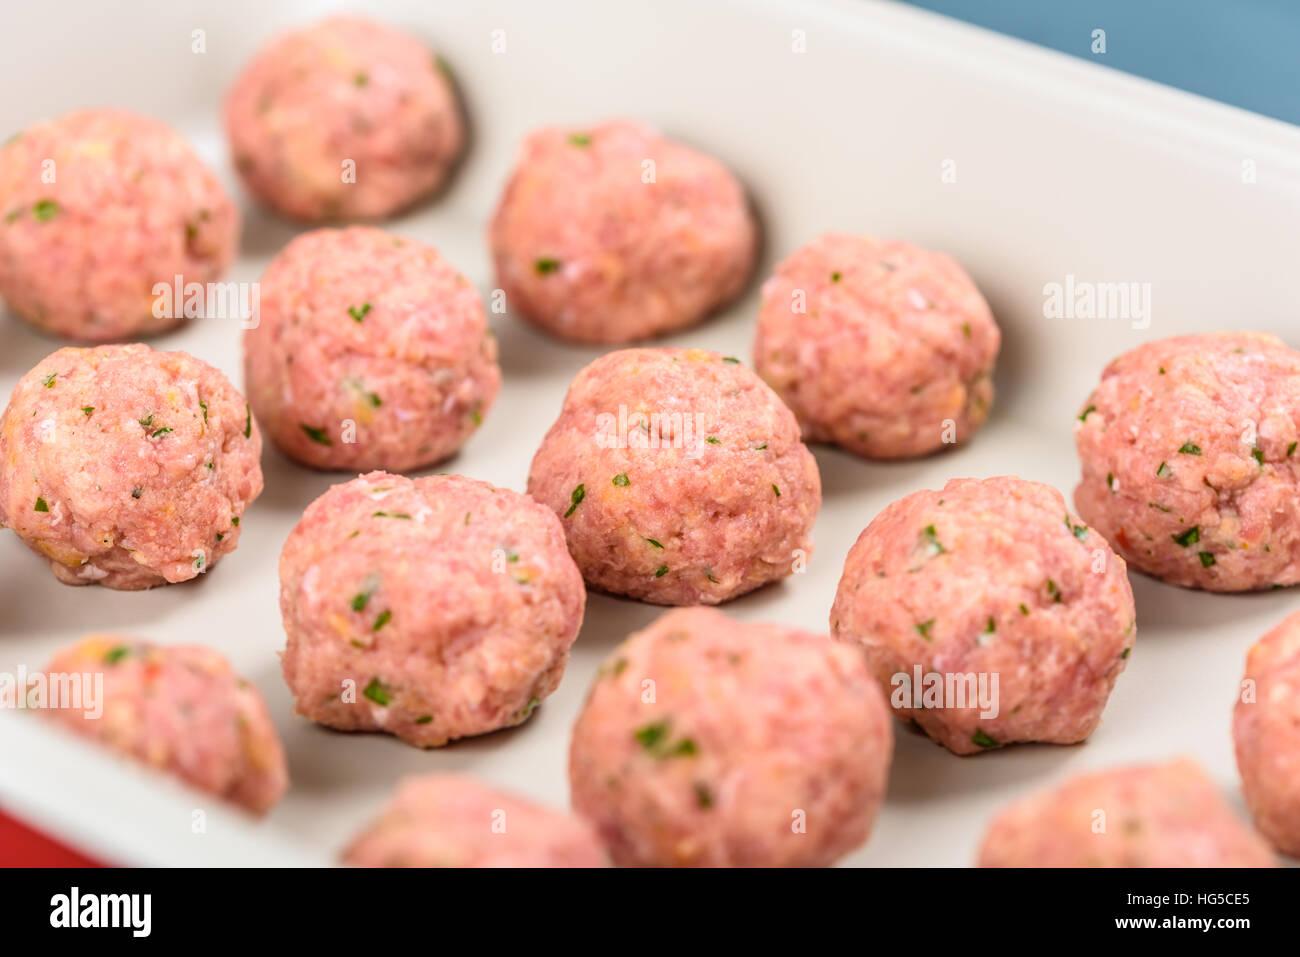 Preparing Raw Meatballs In Pan - Stock Image